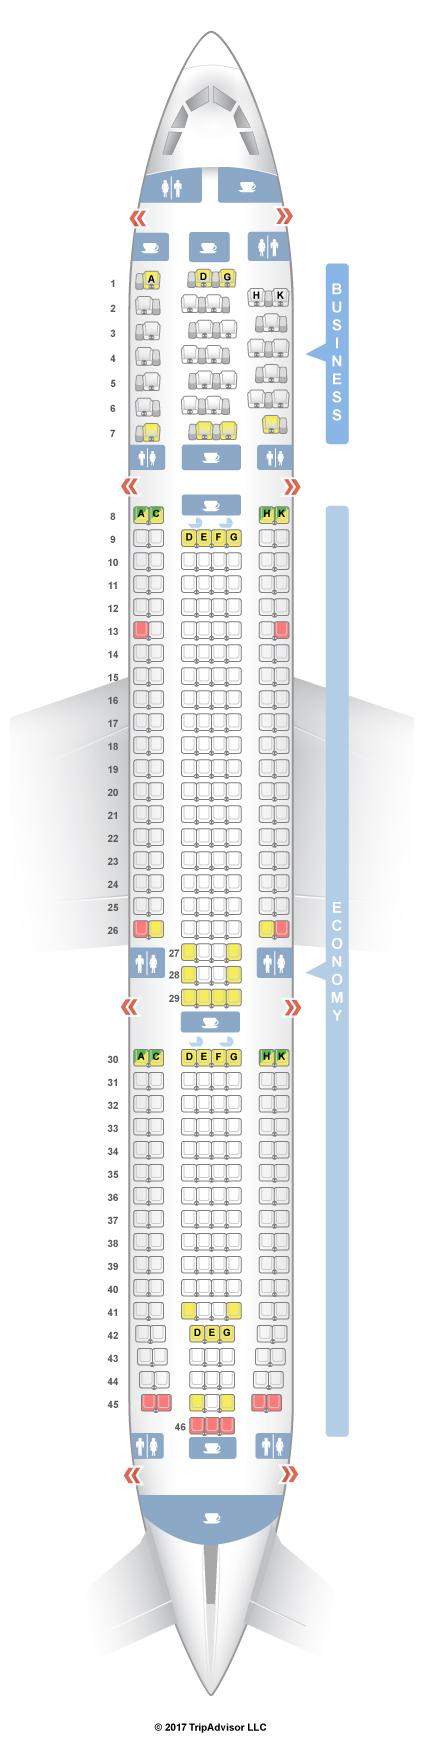 Top 10 Punto Medio Noticias Airbus A330 300 Twin Jet